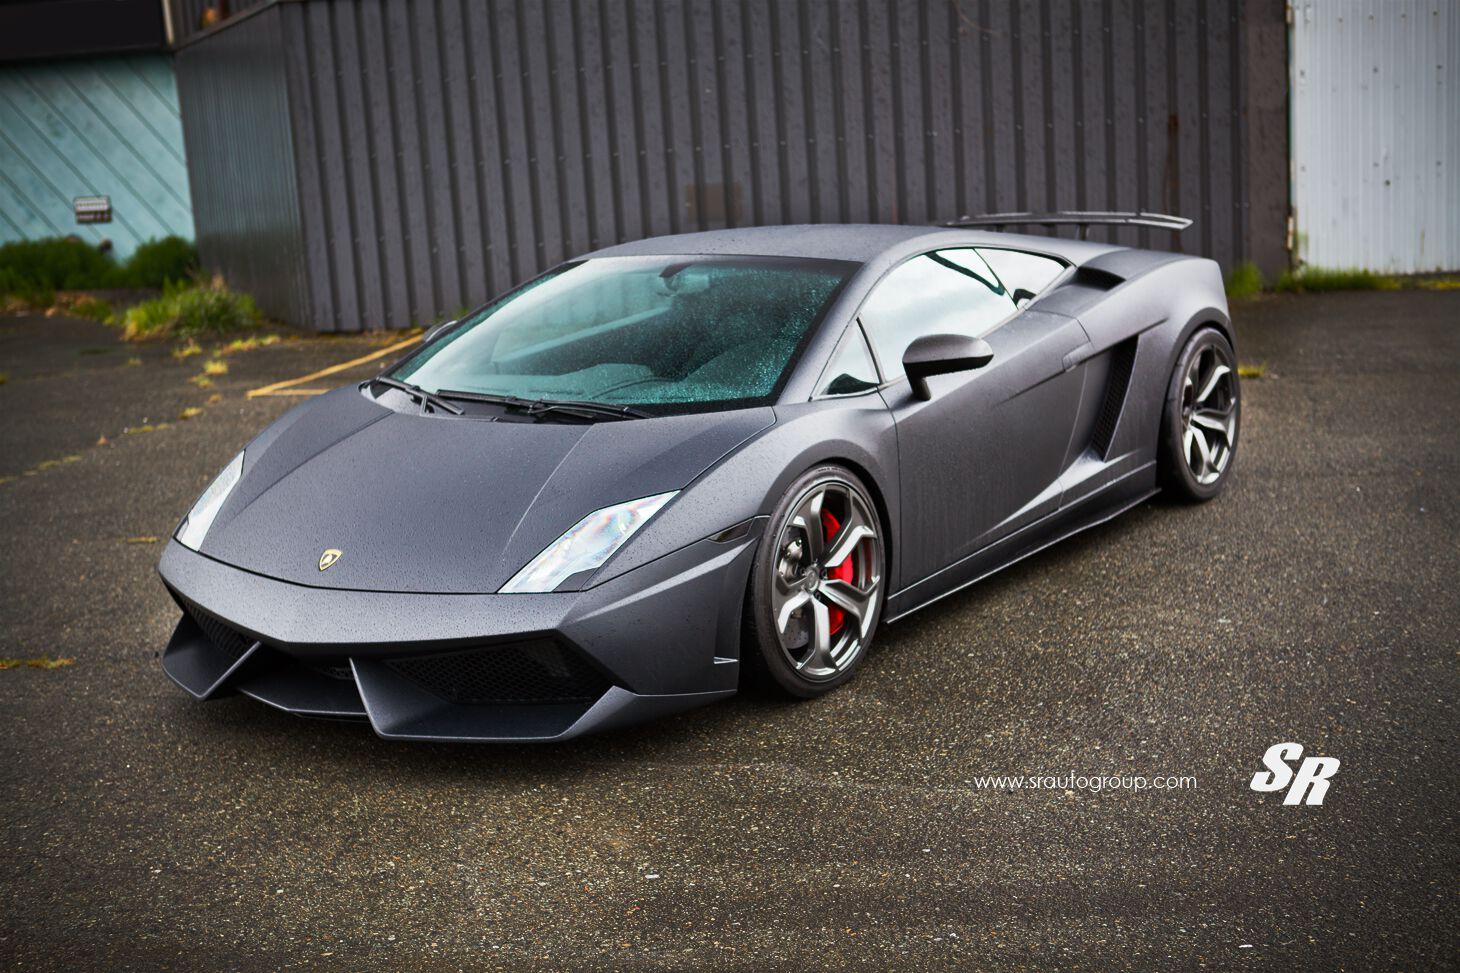 Sr Auto Amp Underground Racing Tweak Lamborghini Gallardo